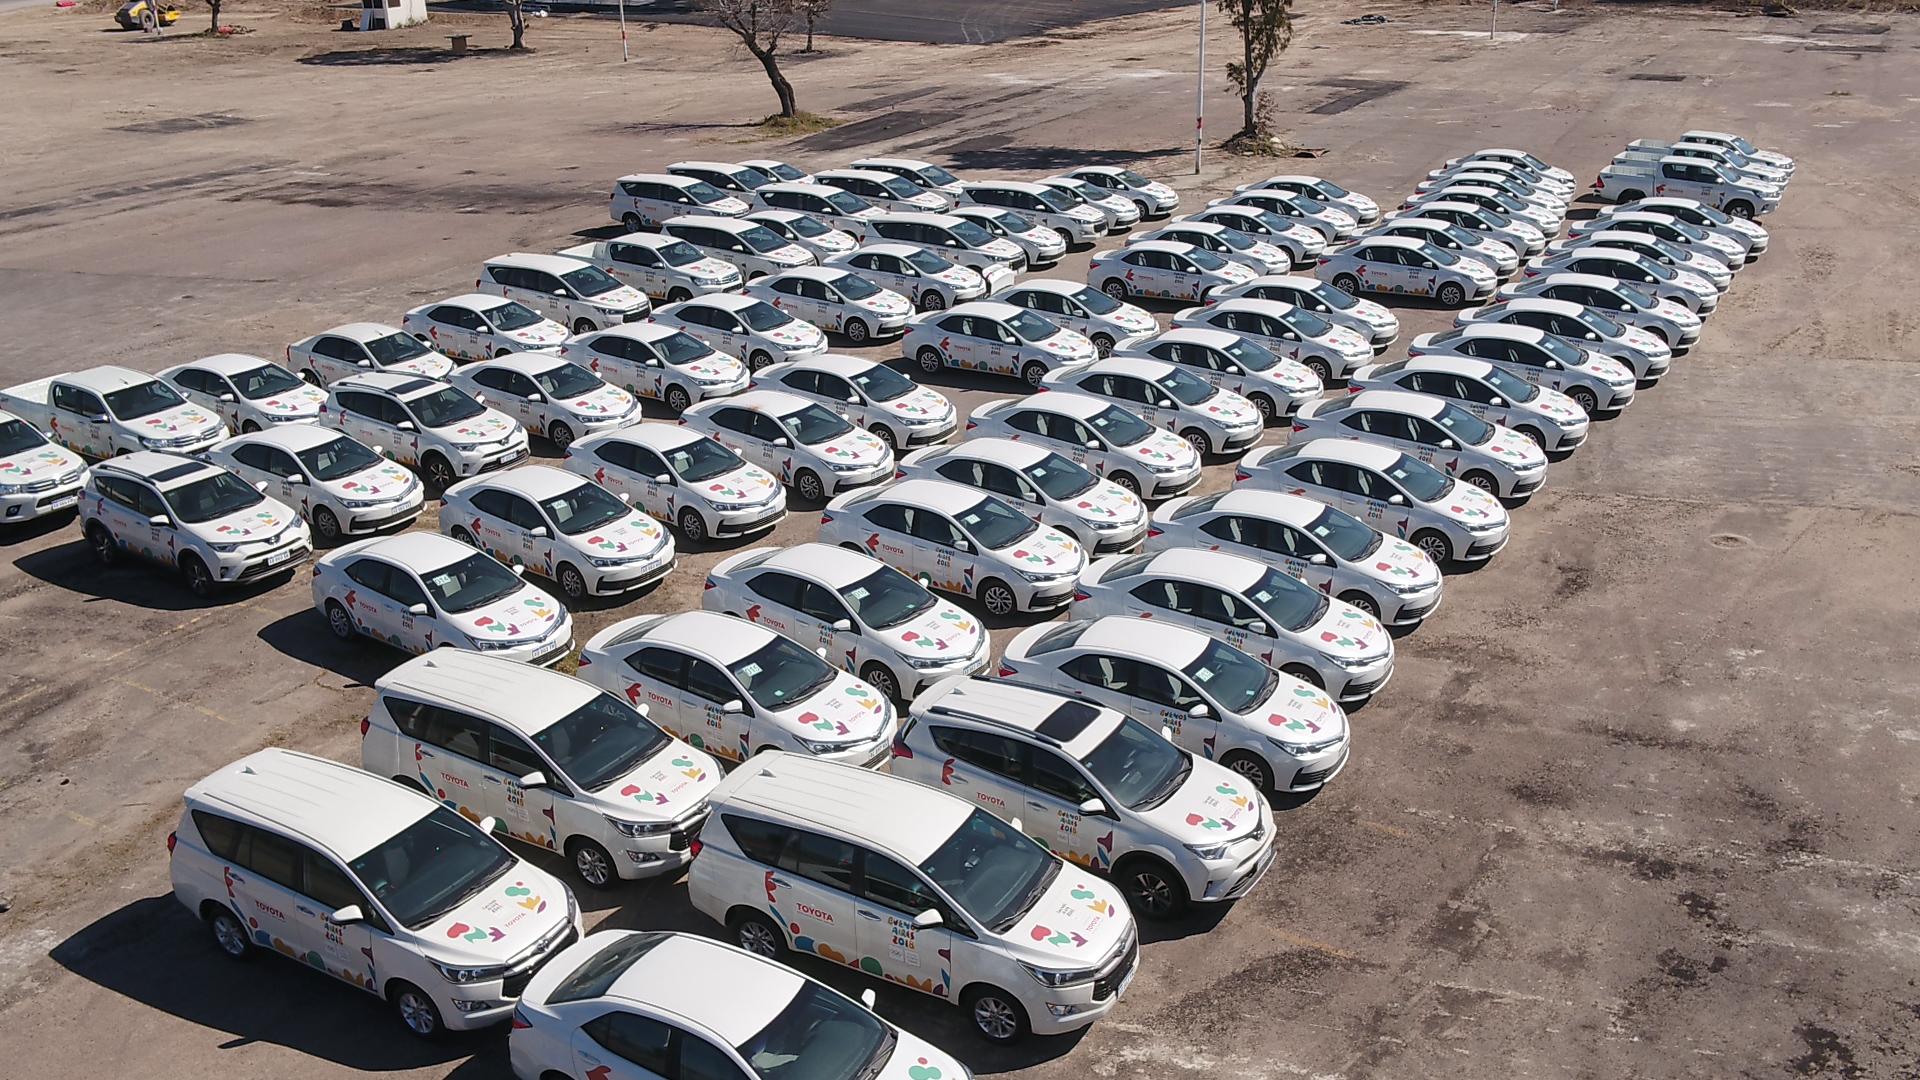 La flota de 334 vehículos Toyota que se encarga de la movilidad en los Juegos Olímpicos de la Juventud.